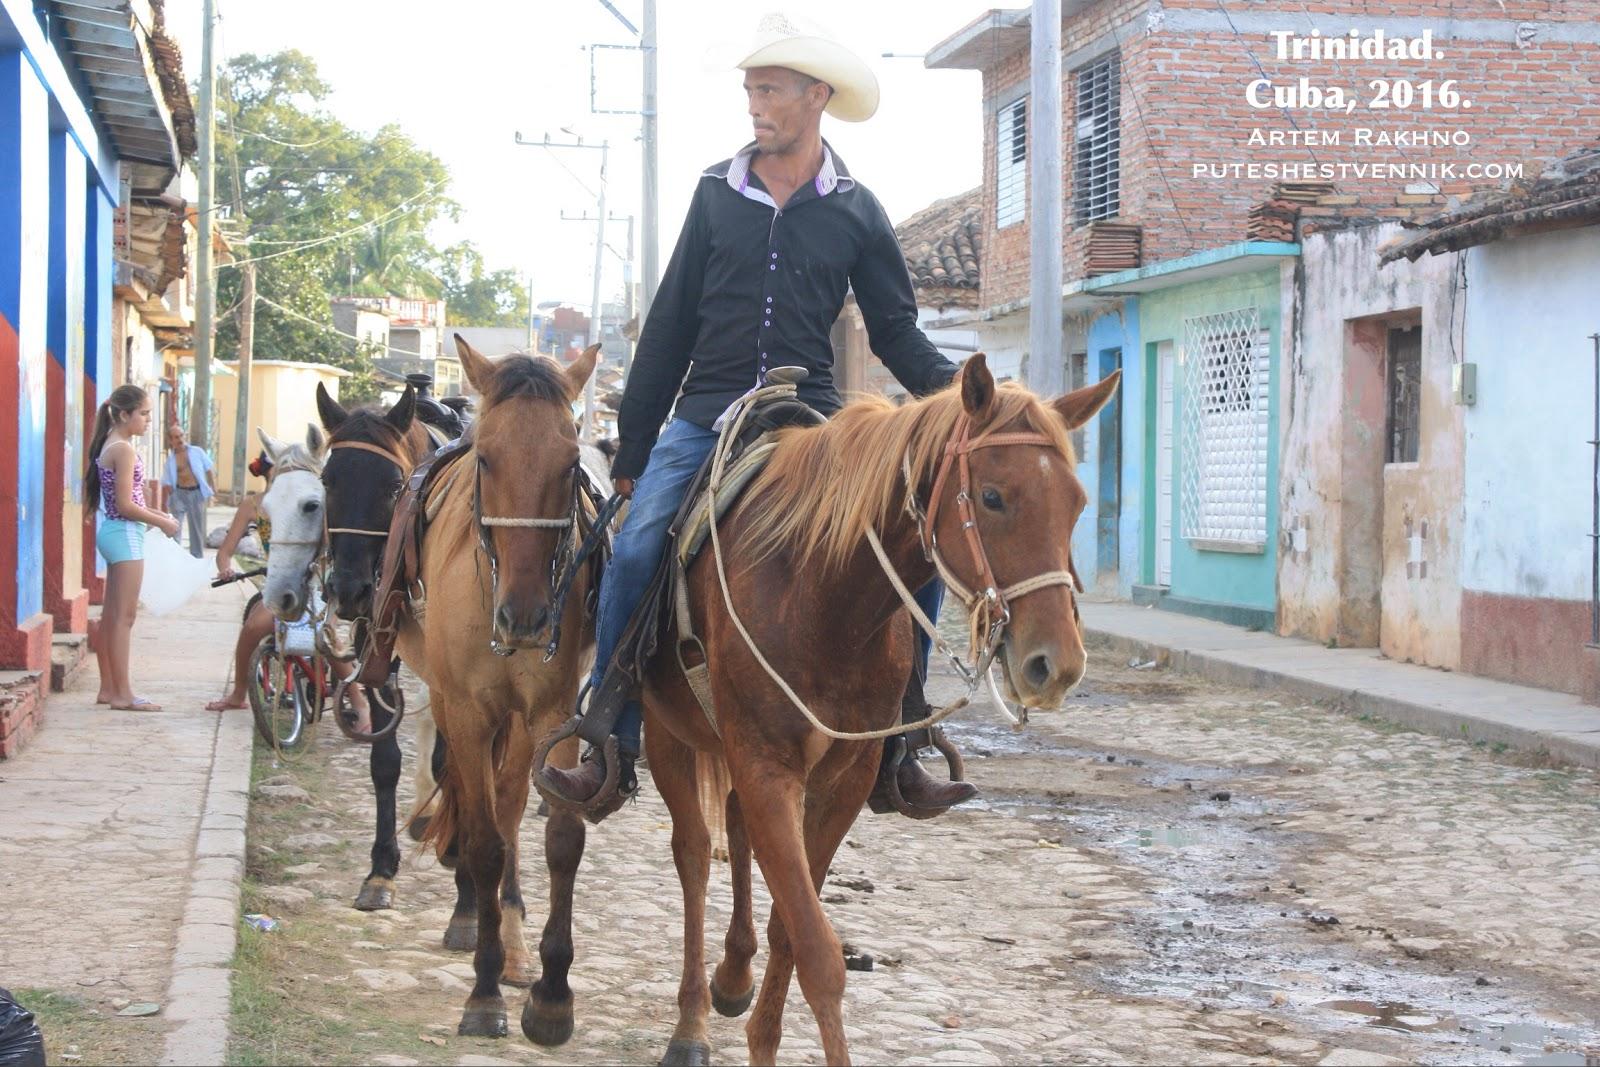 Кубинский ковбой с лошадями в Тринидаде